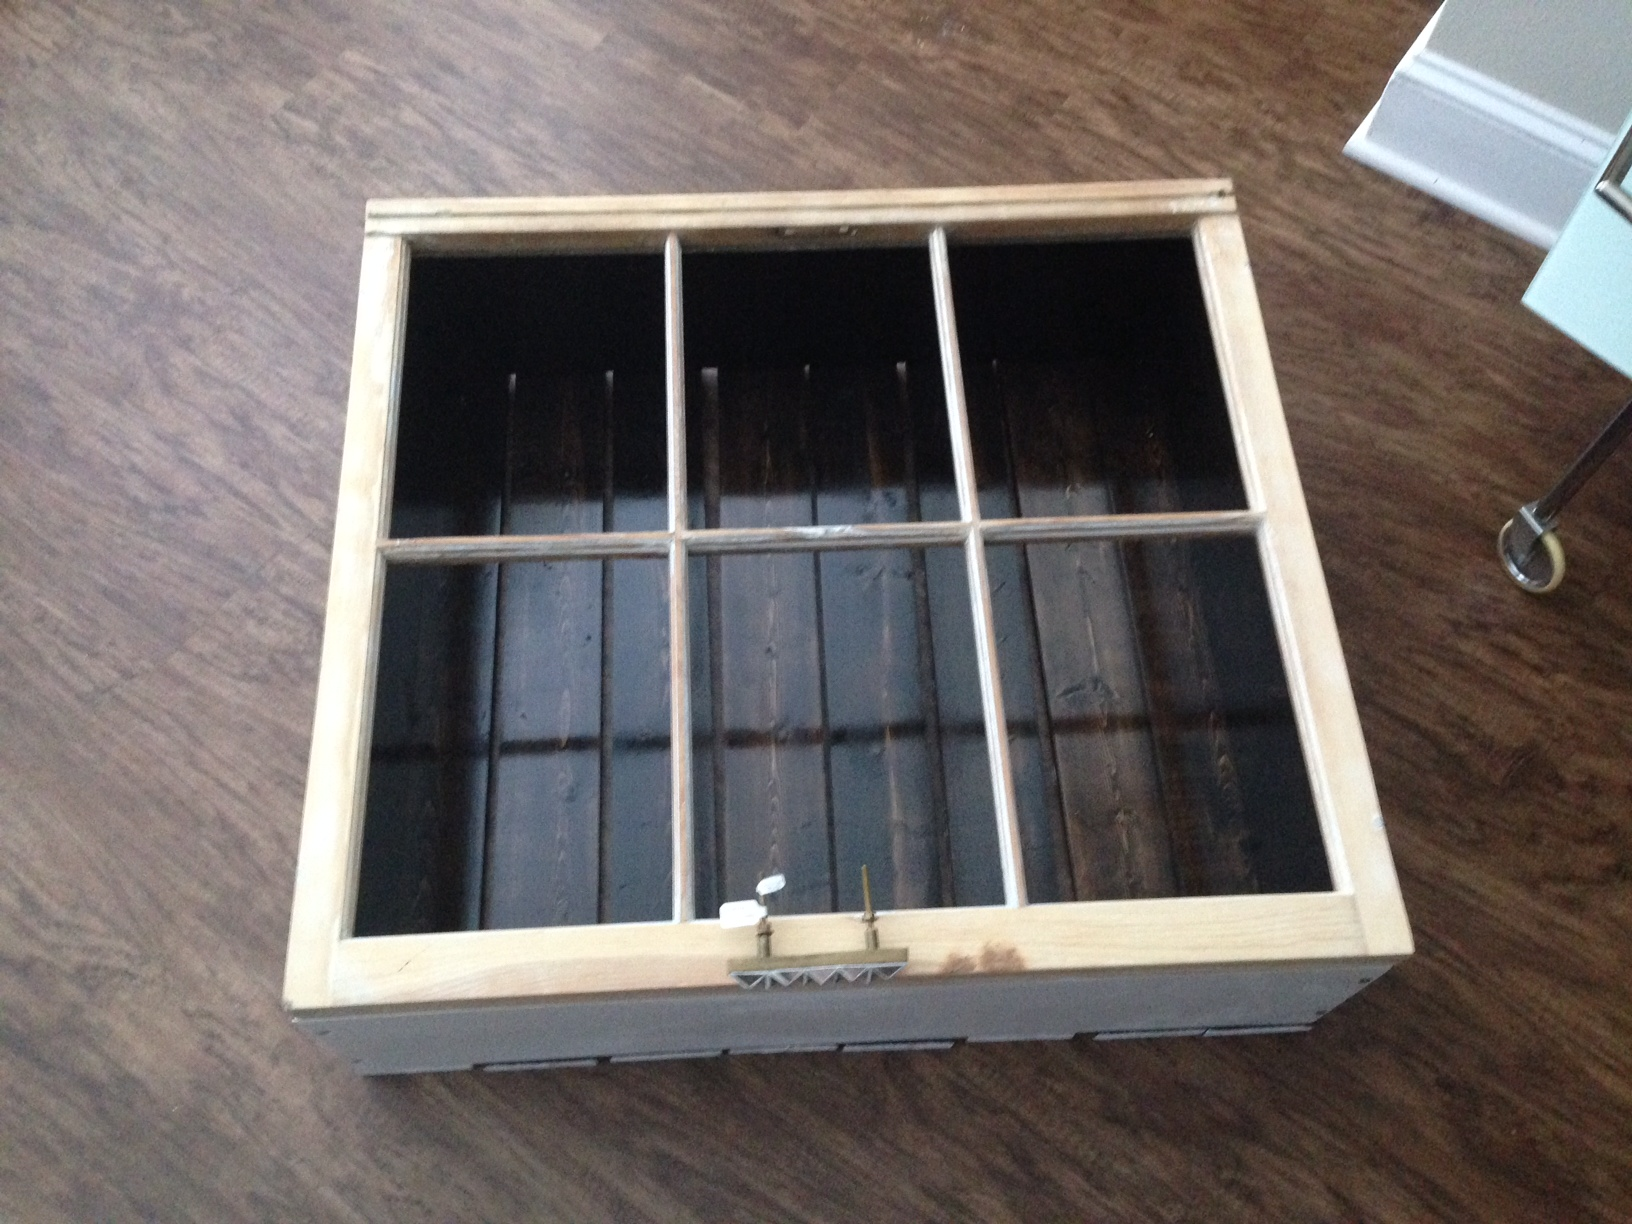 Pre-box